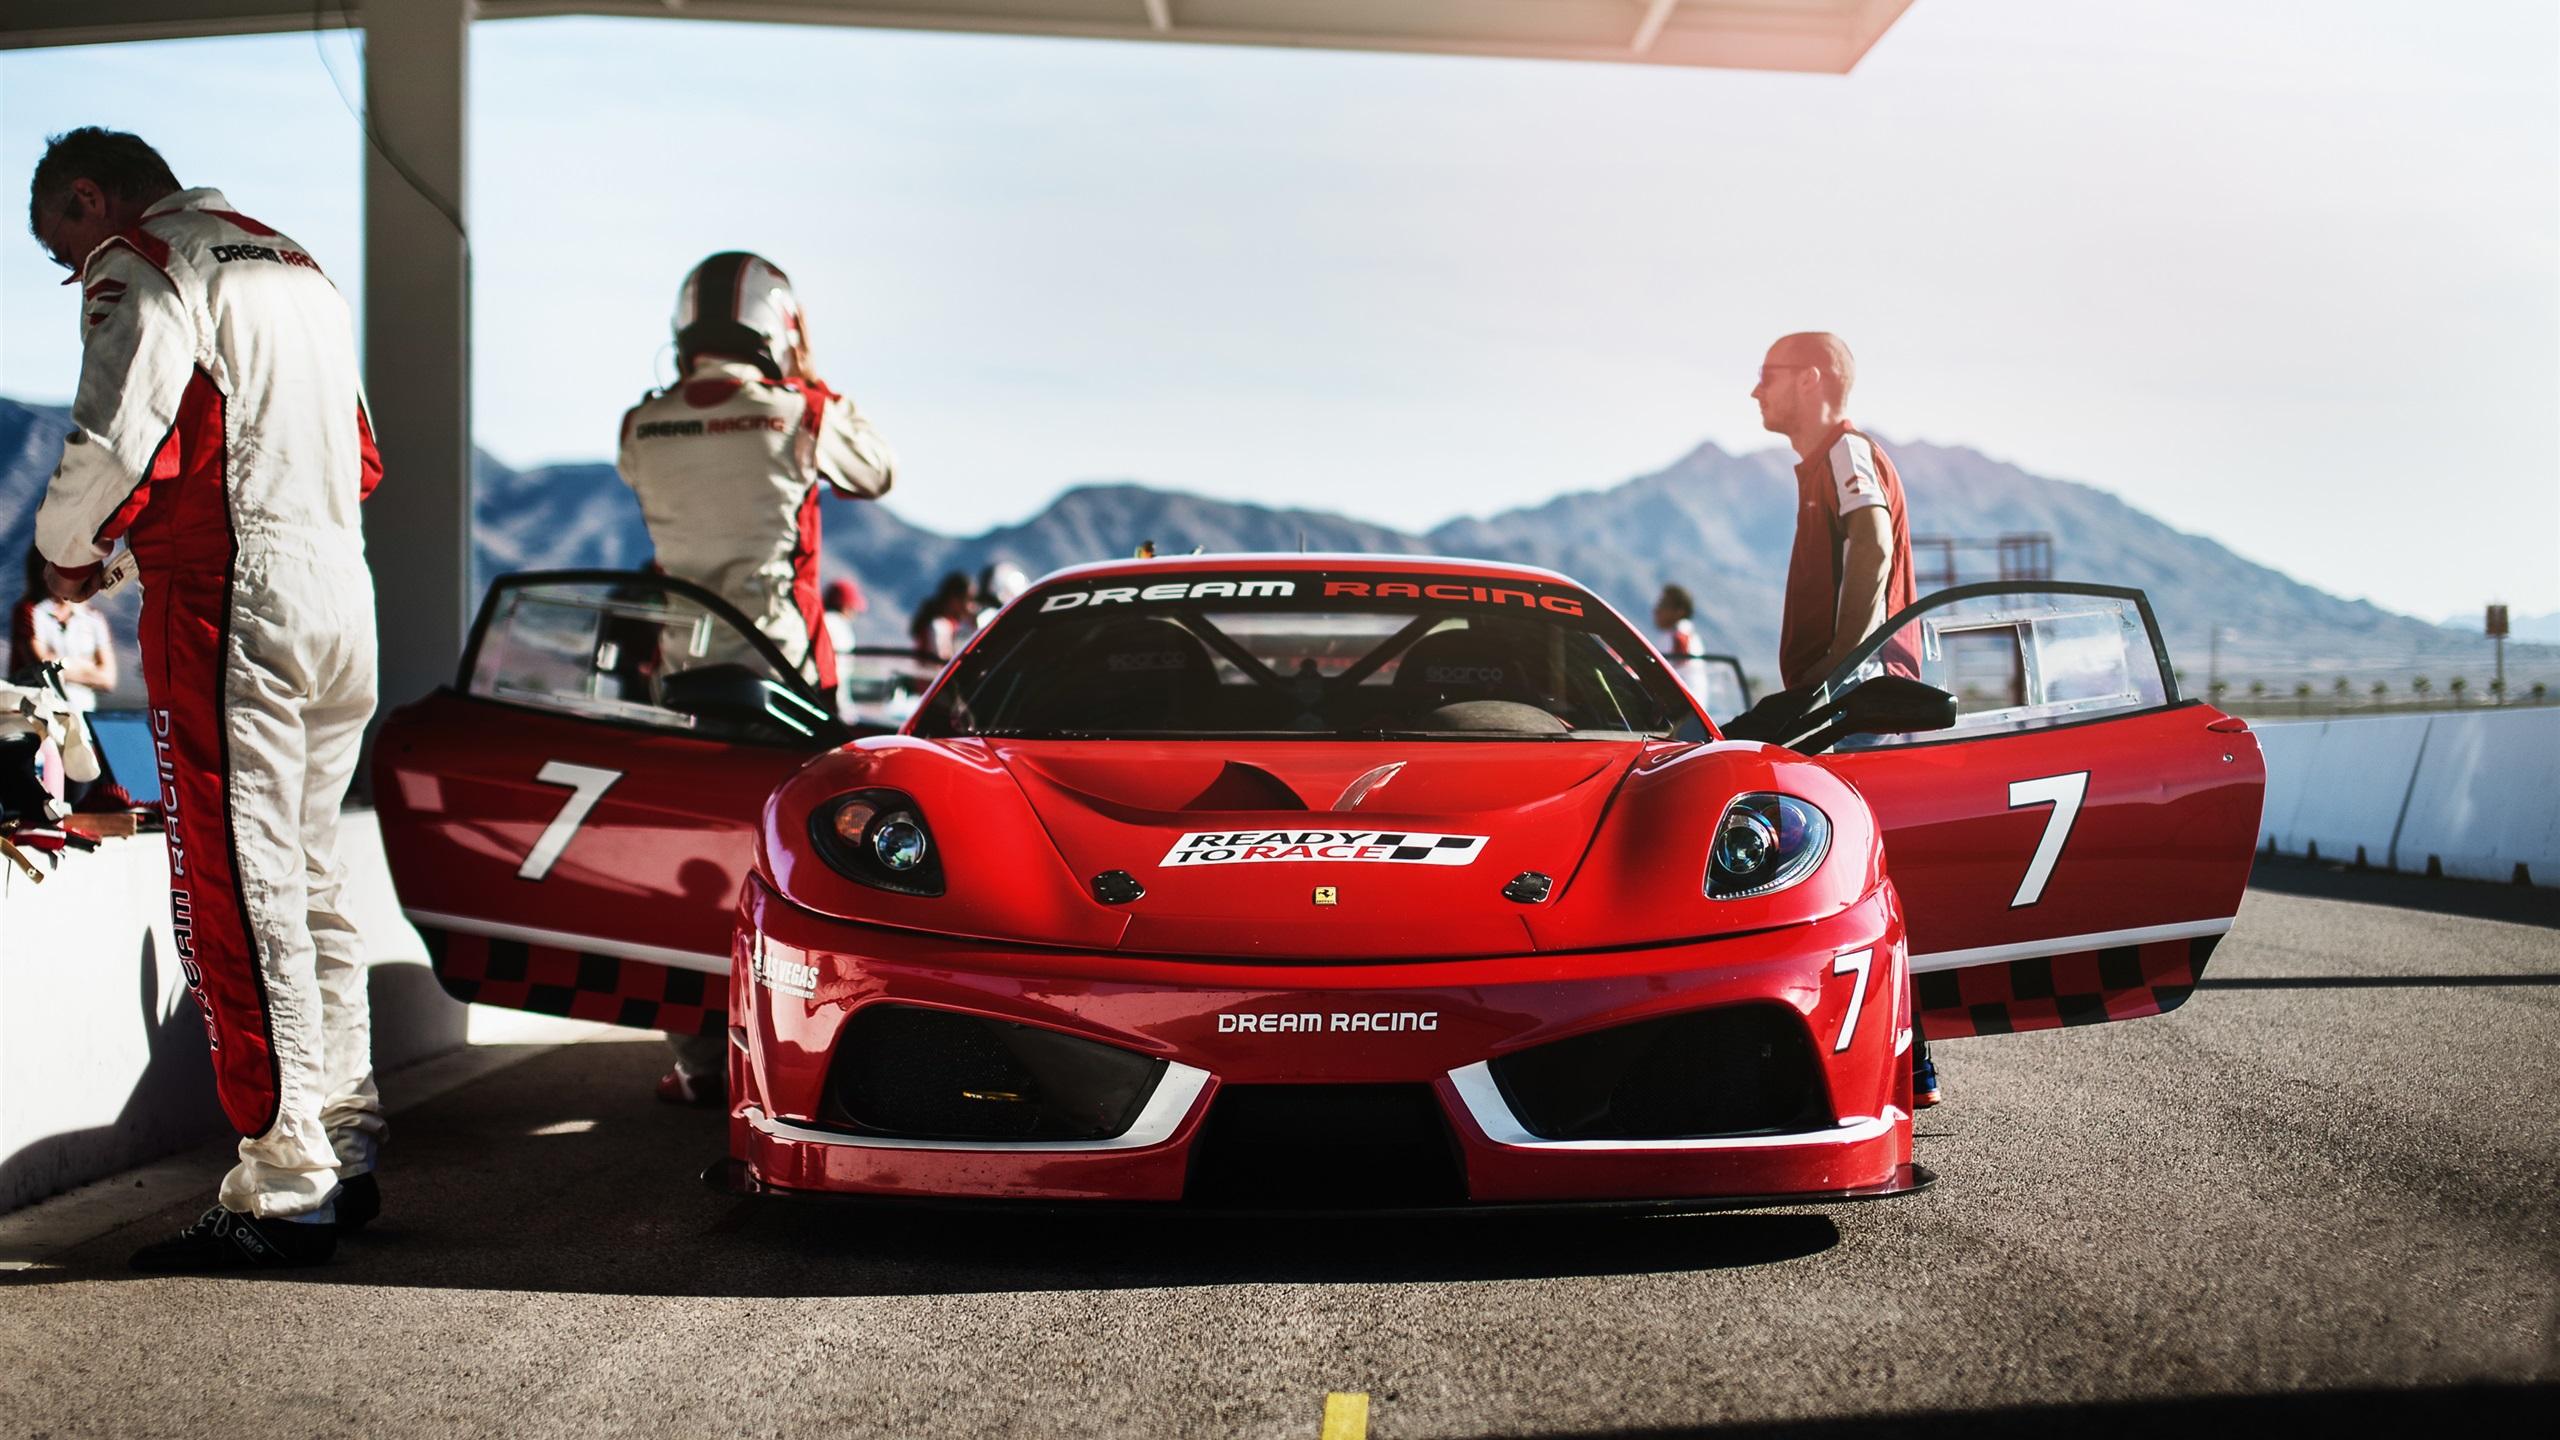 法拉利f430梦幻赛车,红色超级跑车前视图 壁纸 - 2560x1440 qhd高清